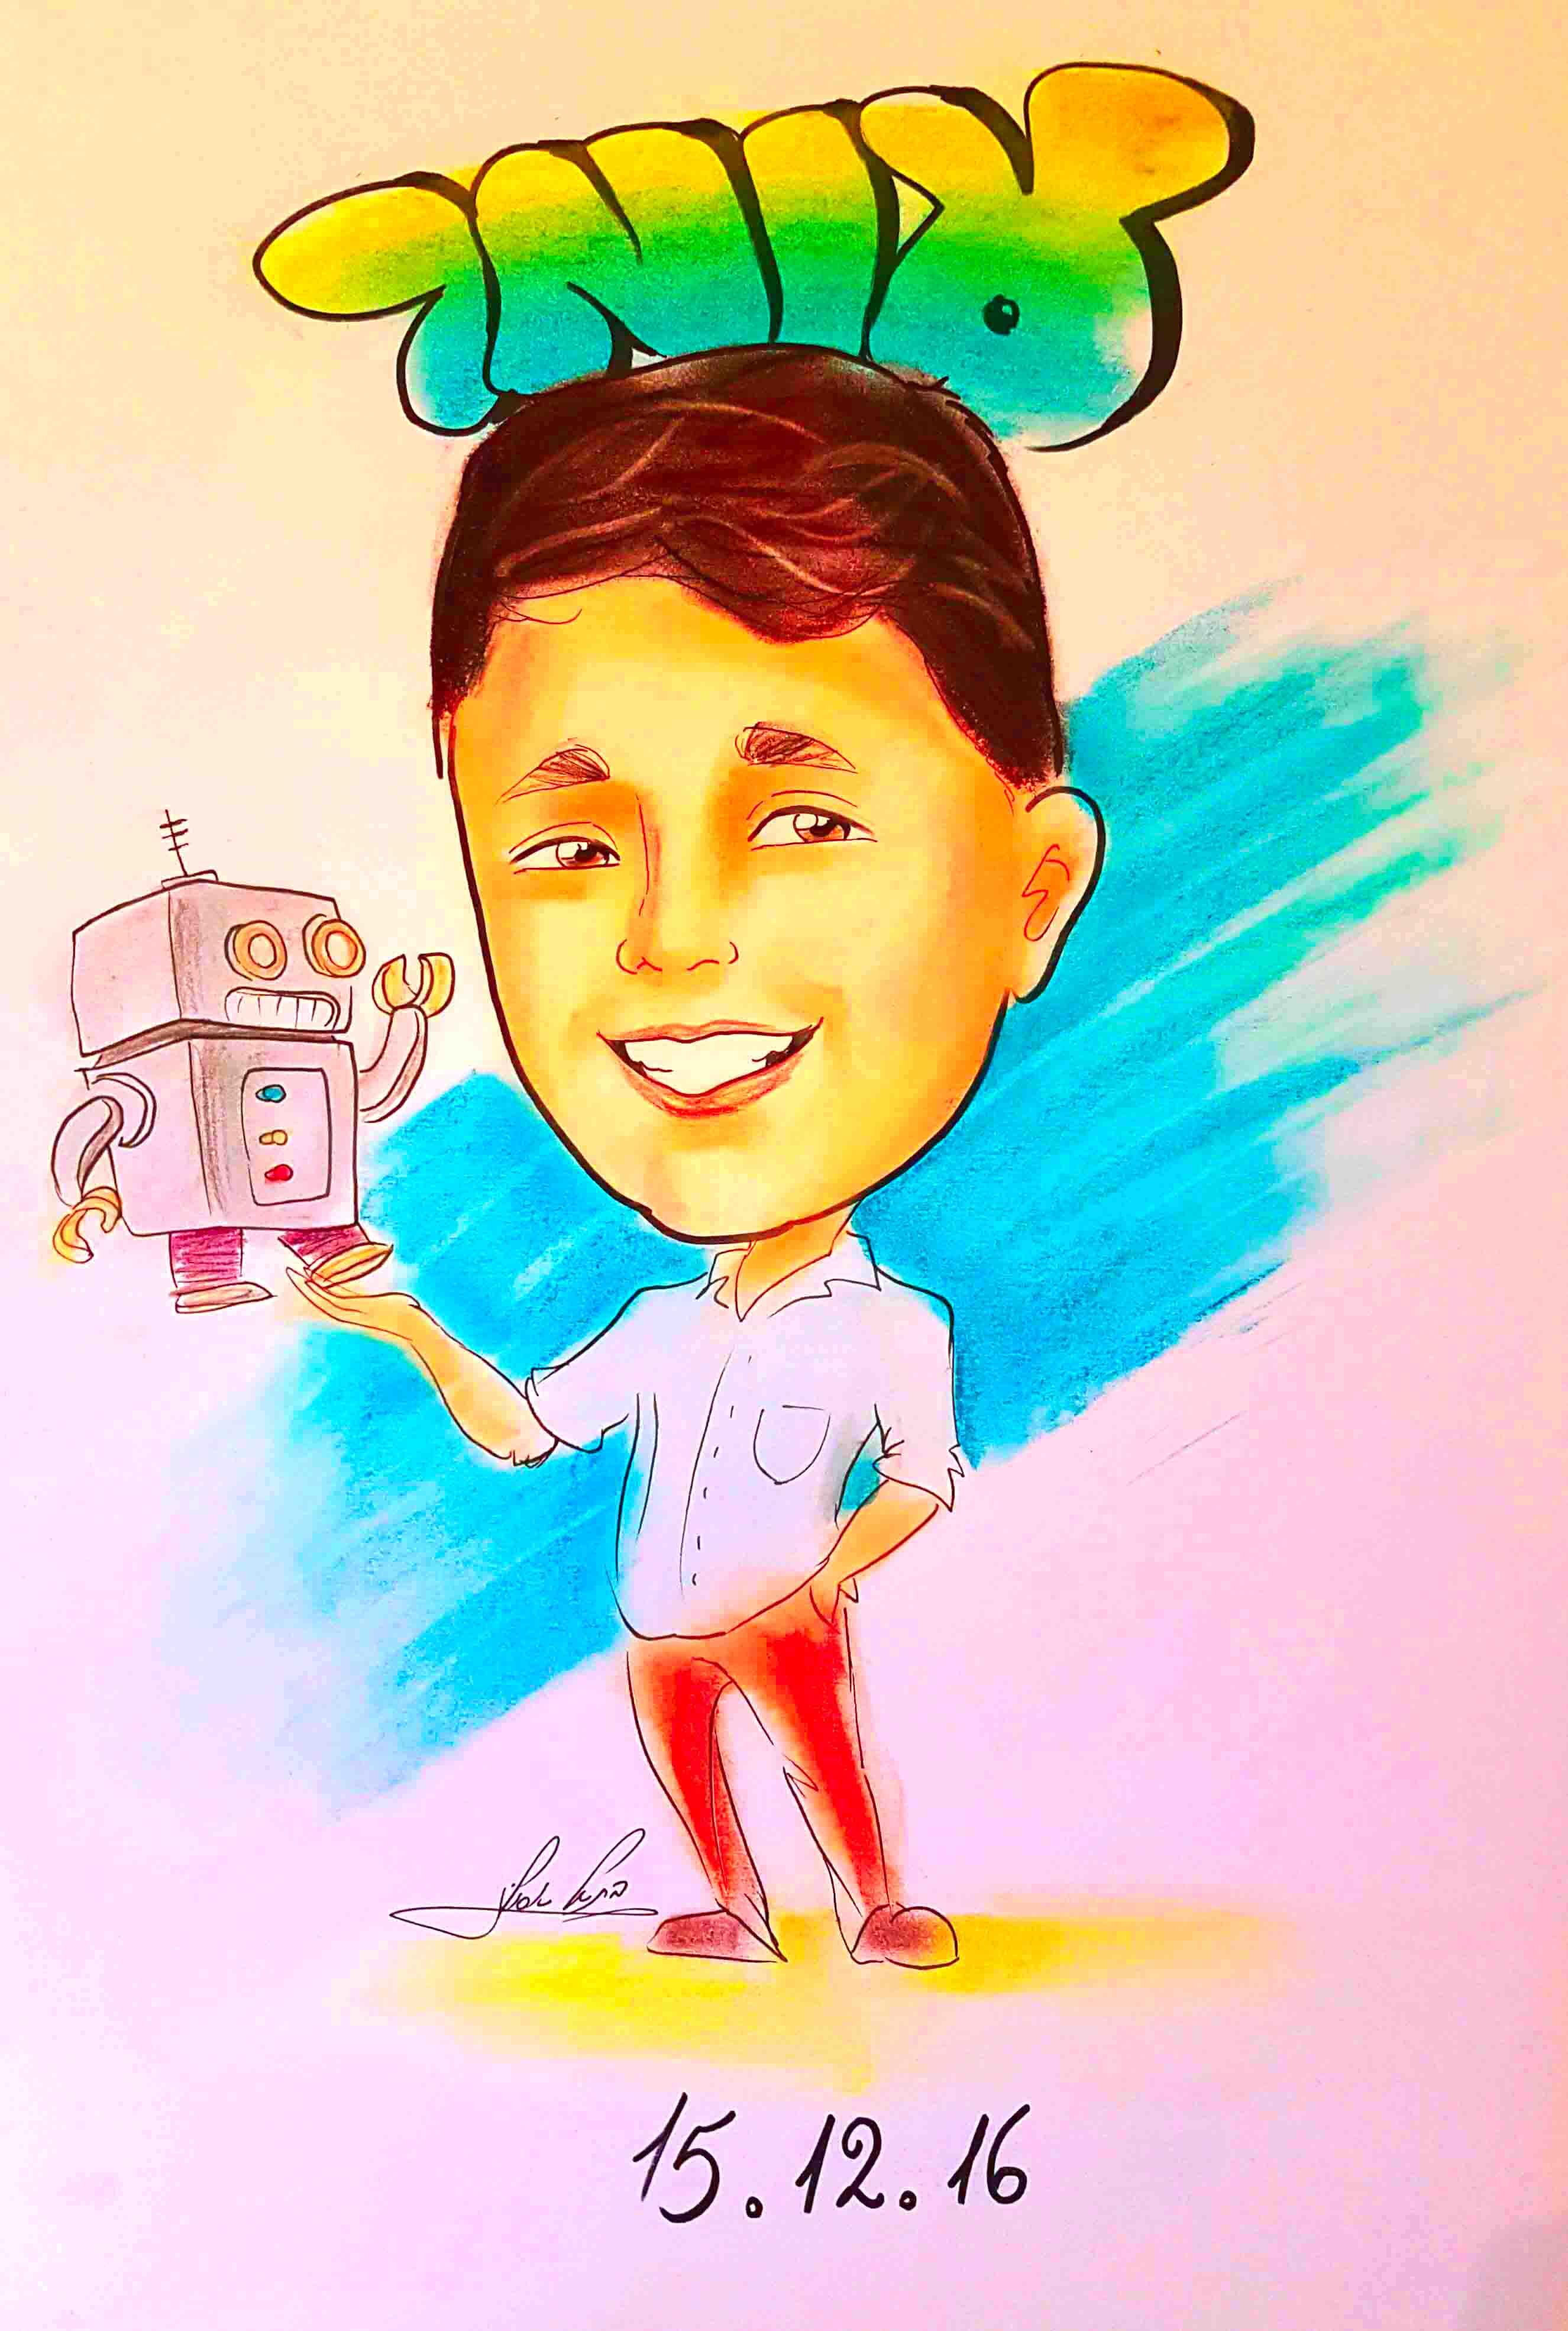 ציור קריקטורה לילד בר המצווה כמתנה ומזכרת מיוחדת מהאירוע